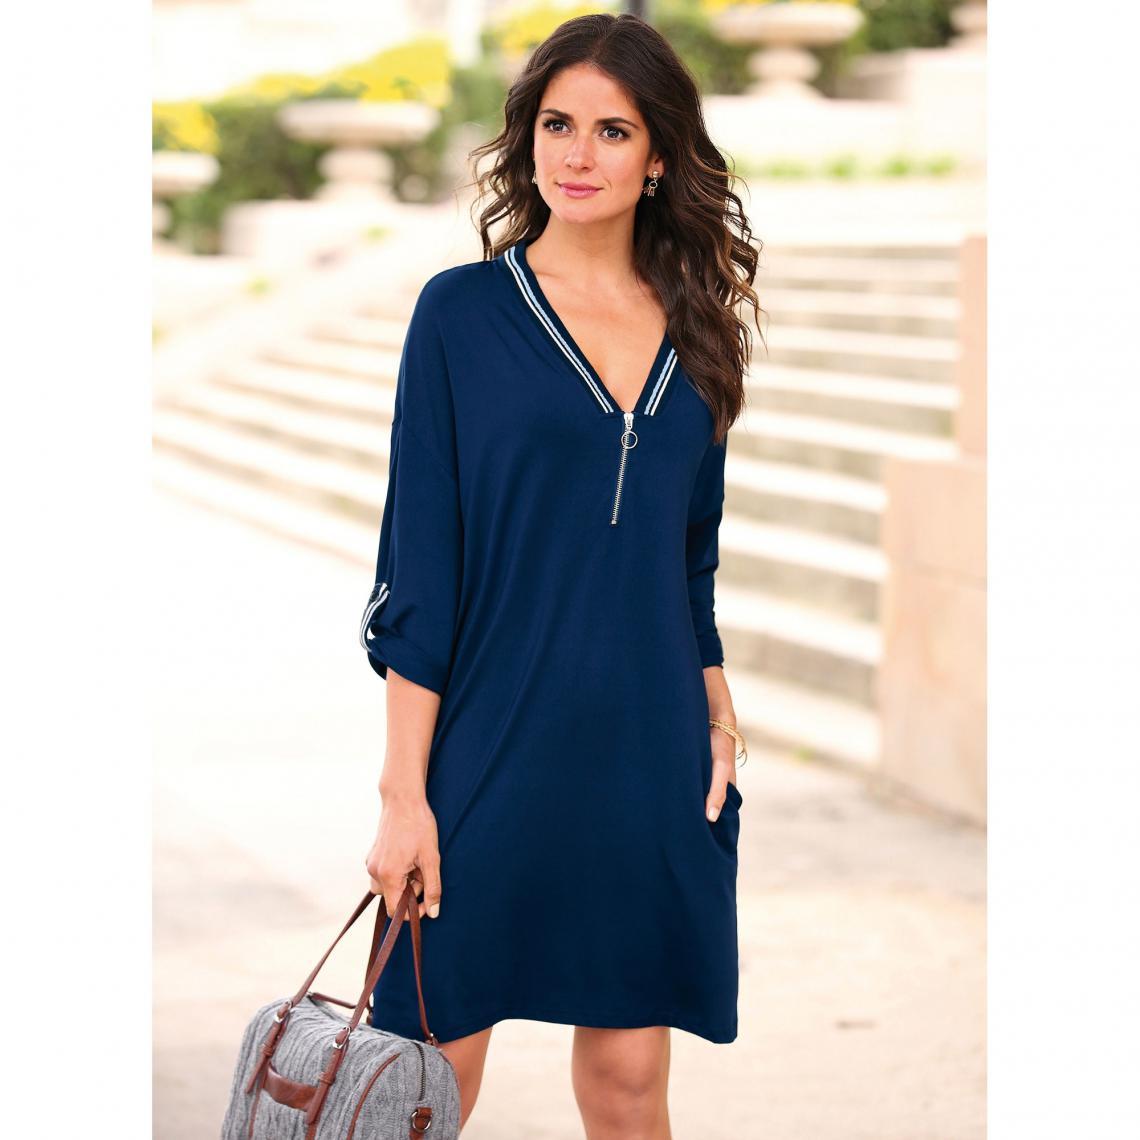 Femme Courte Col Zippé Longues Bleu V Ajustables Manches Robe nPOZwN80kX